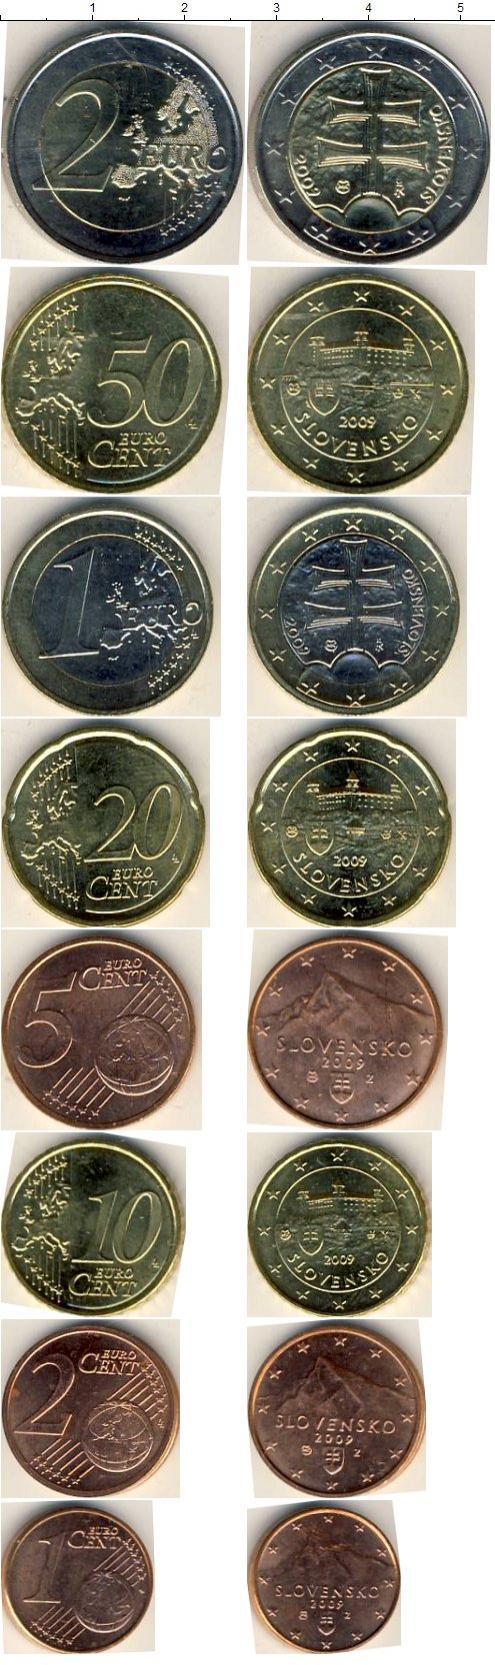 Каталог монет - Словакия Словакия 2009